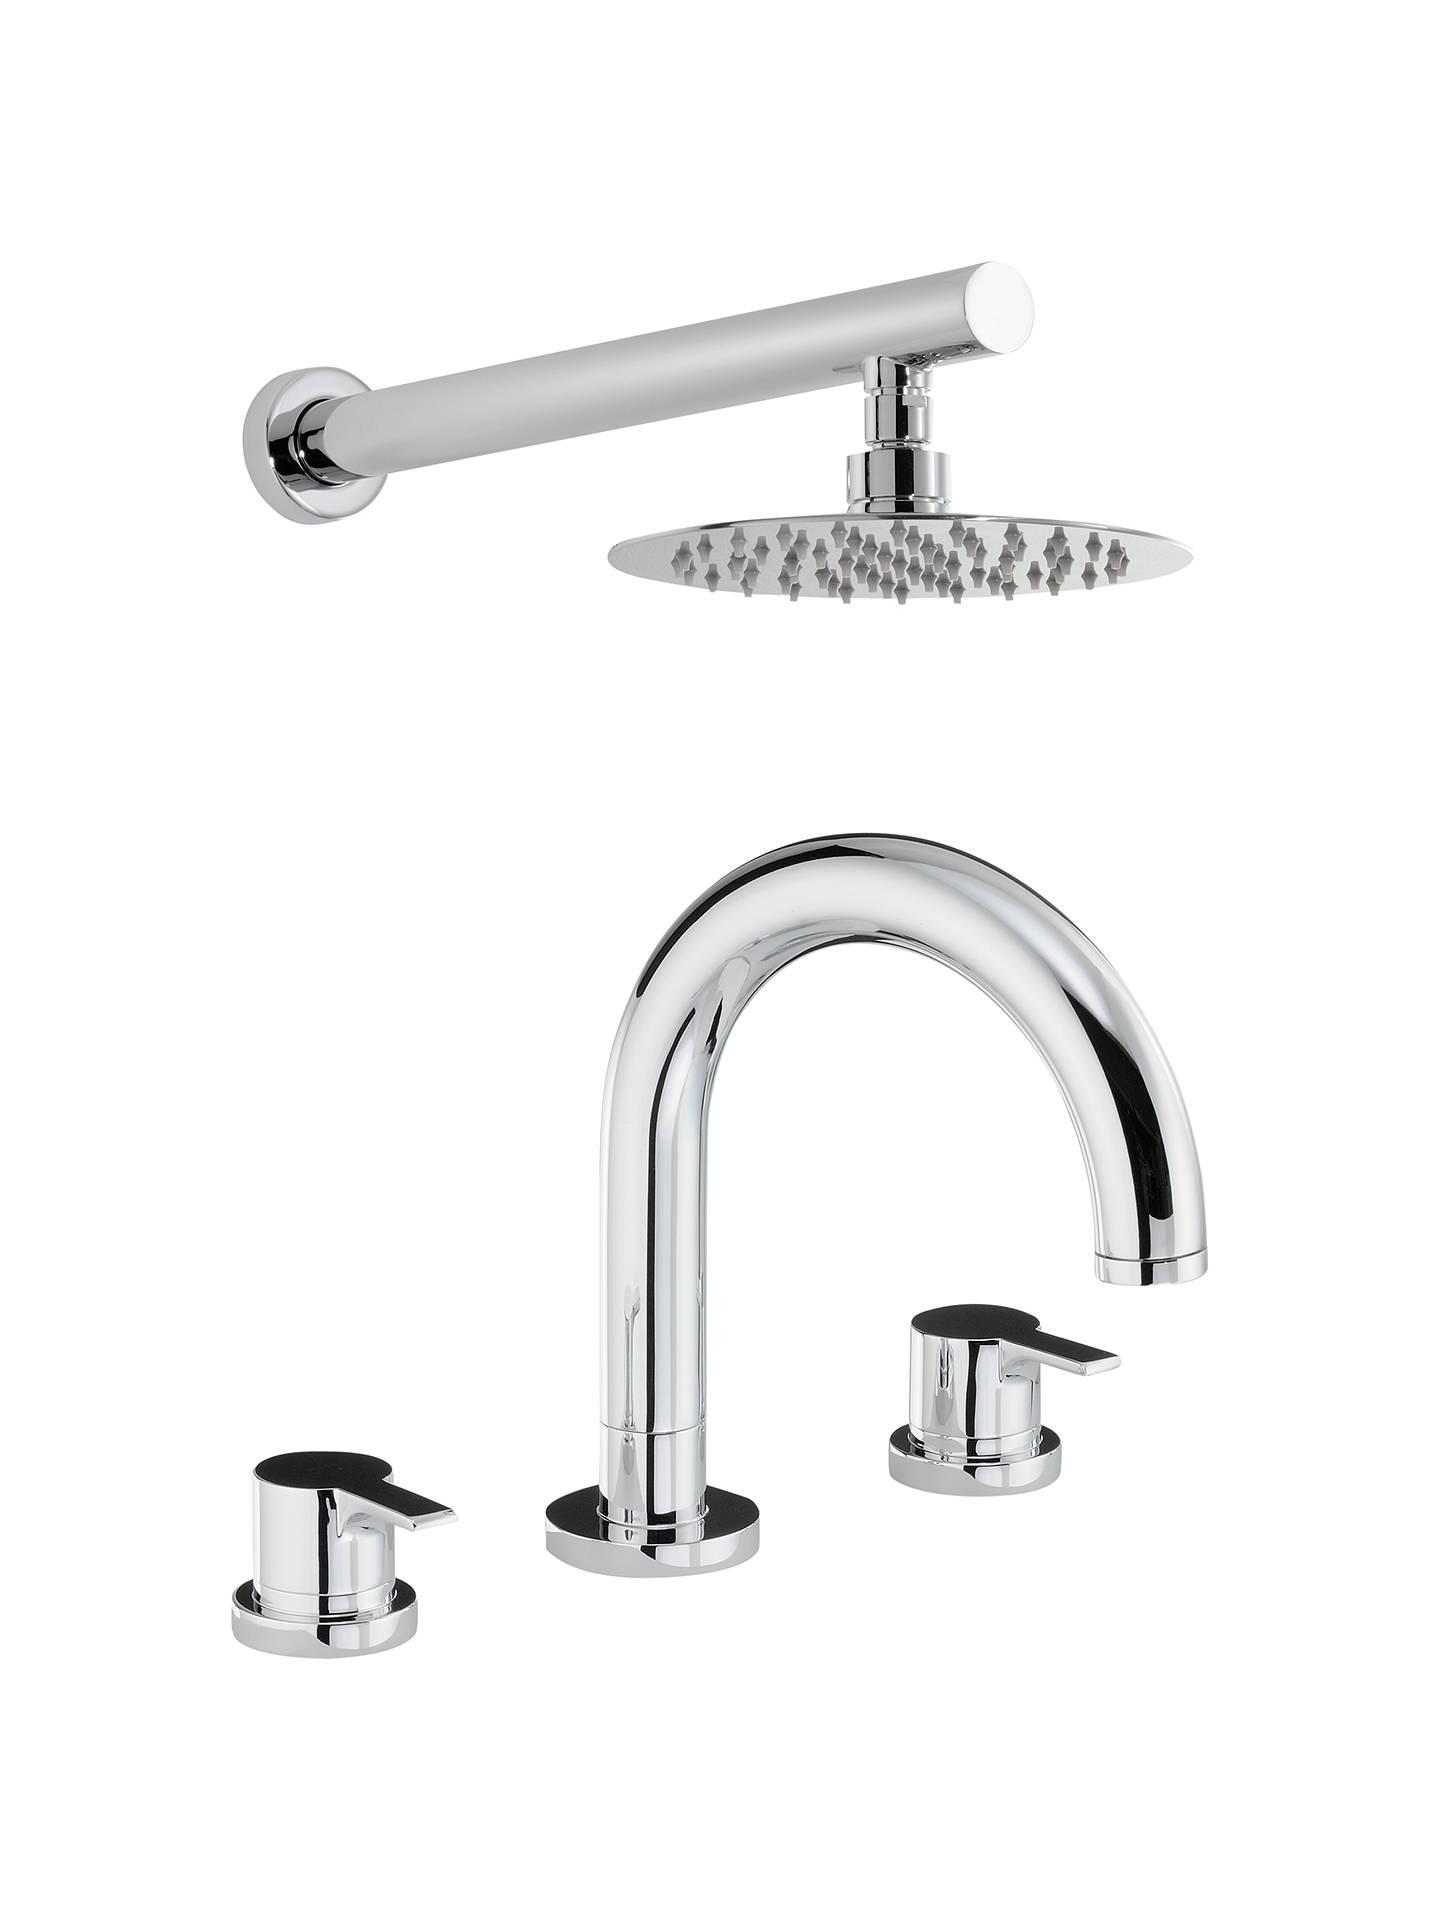 shower mixer taps, kitchen mixer taps, plumbing mixer taps, on bathroom thermostatic mixer taps